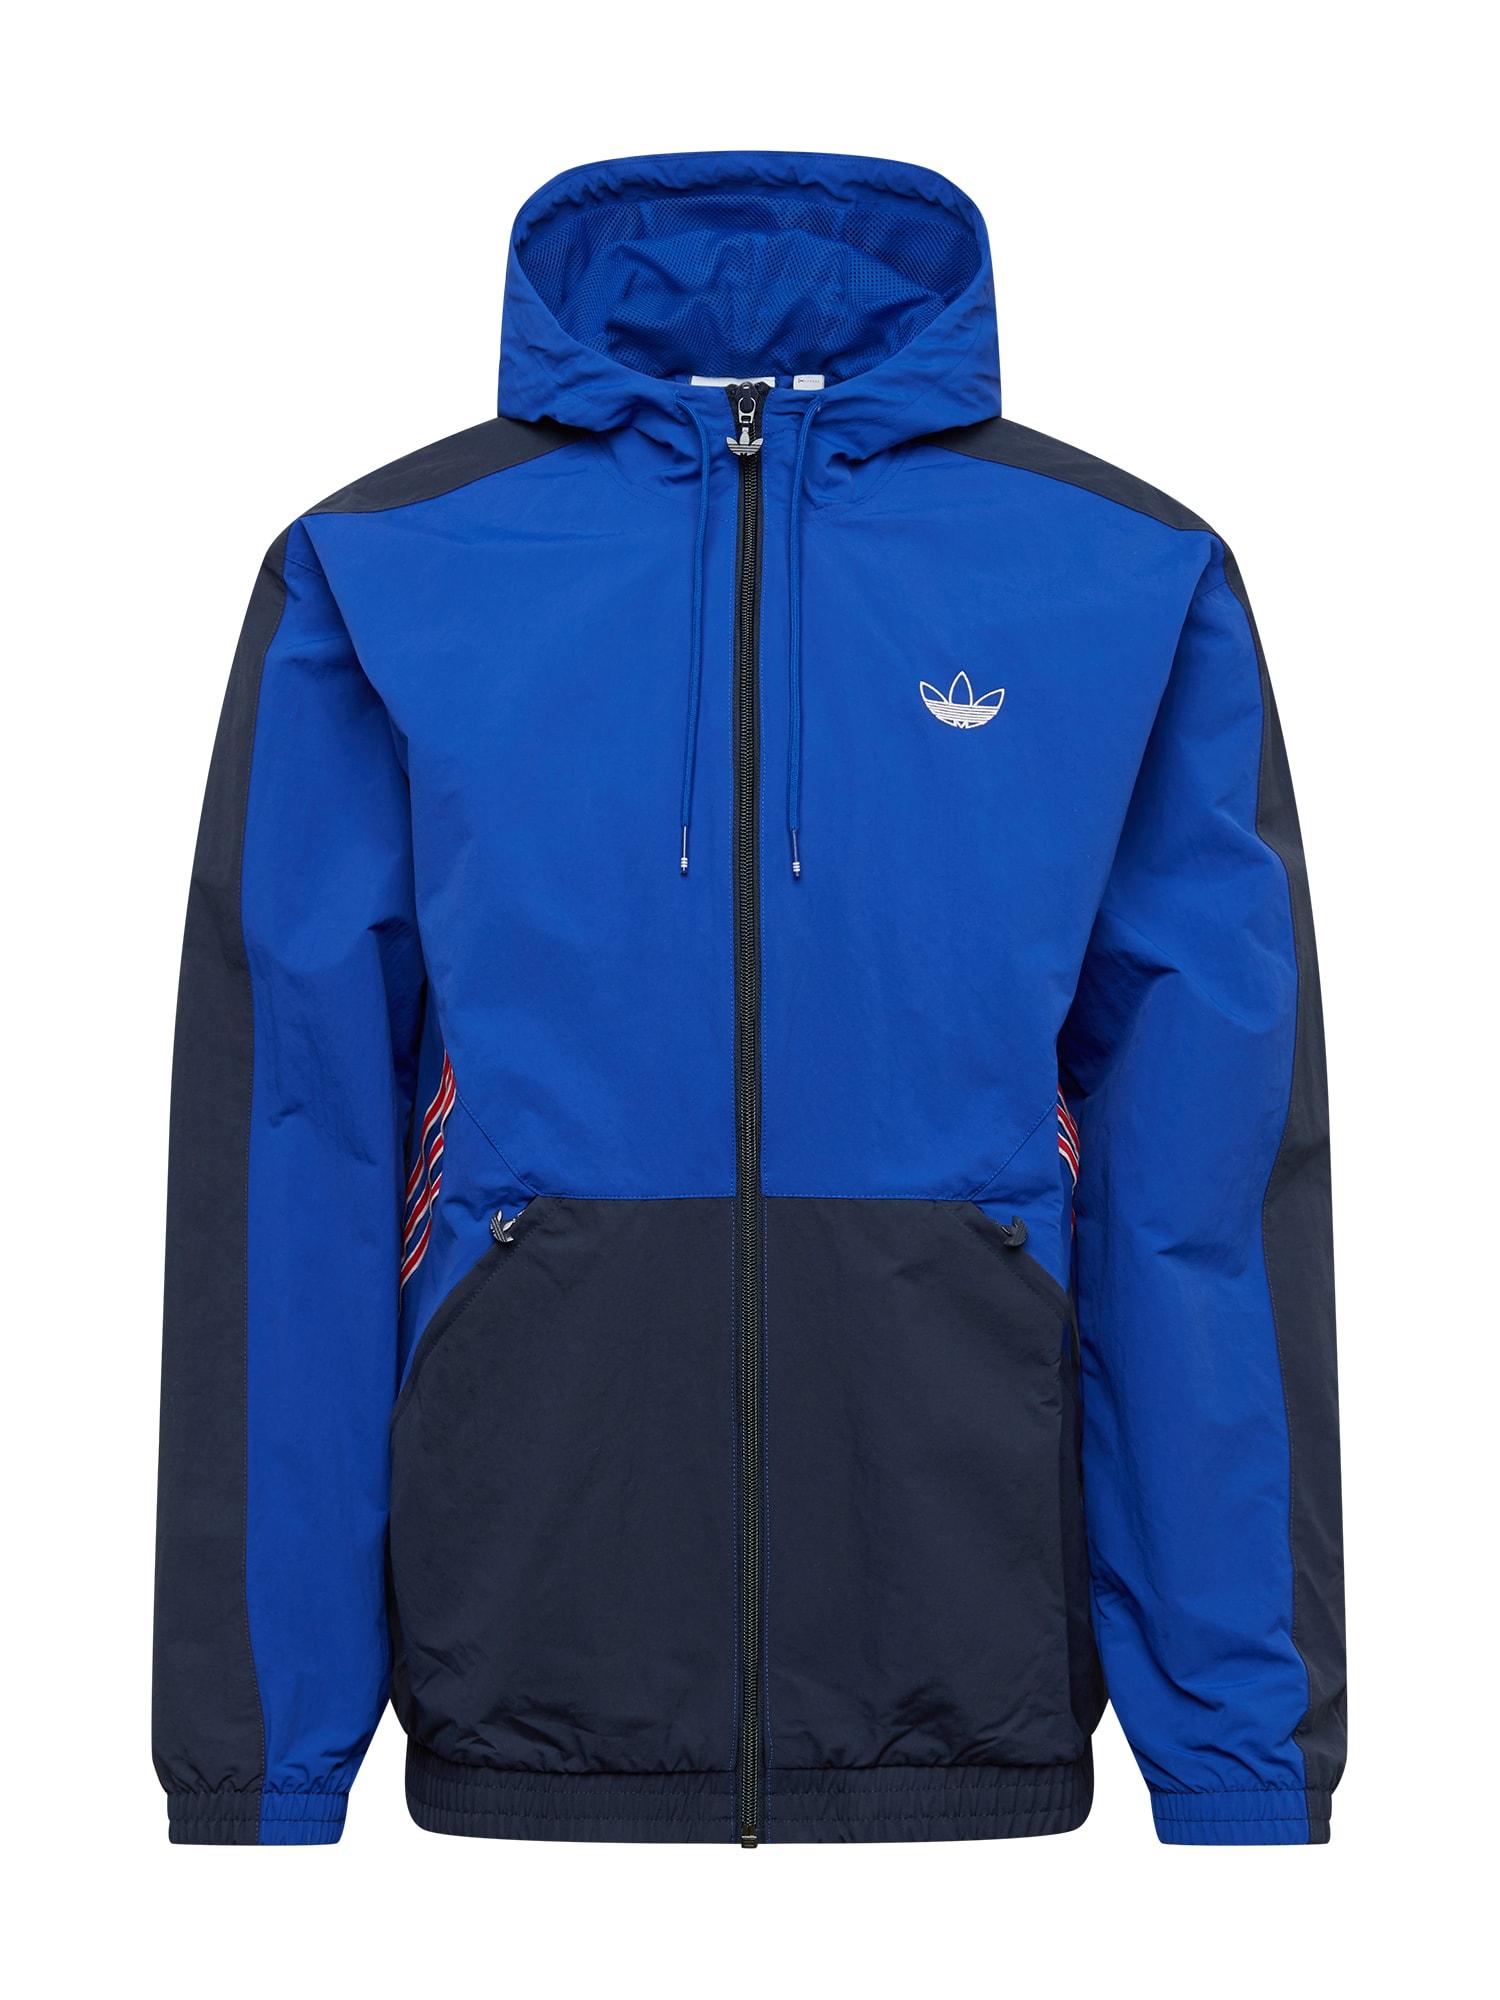 ADIDAS ORIGINALS Demisezoninė striukė mėlyna / tamsiai mėlyna